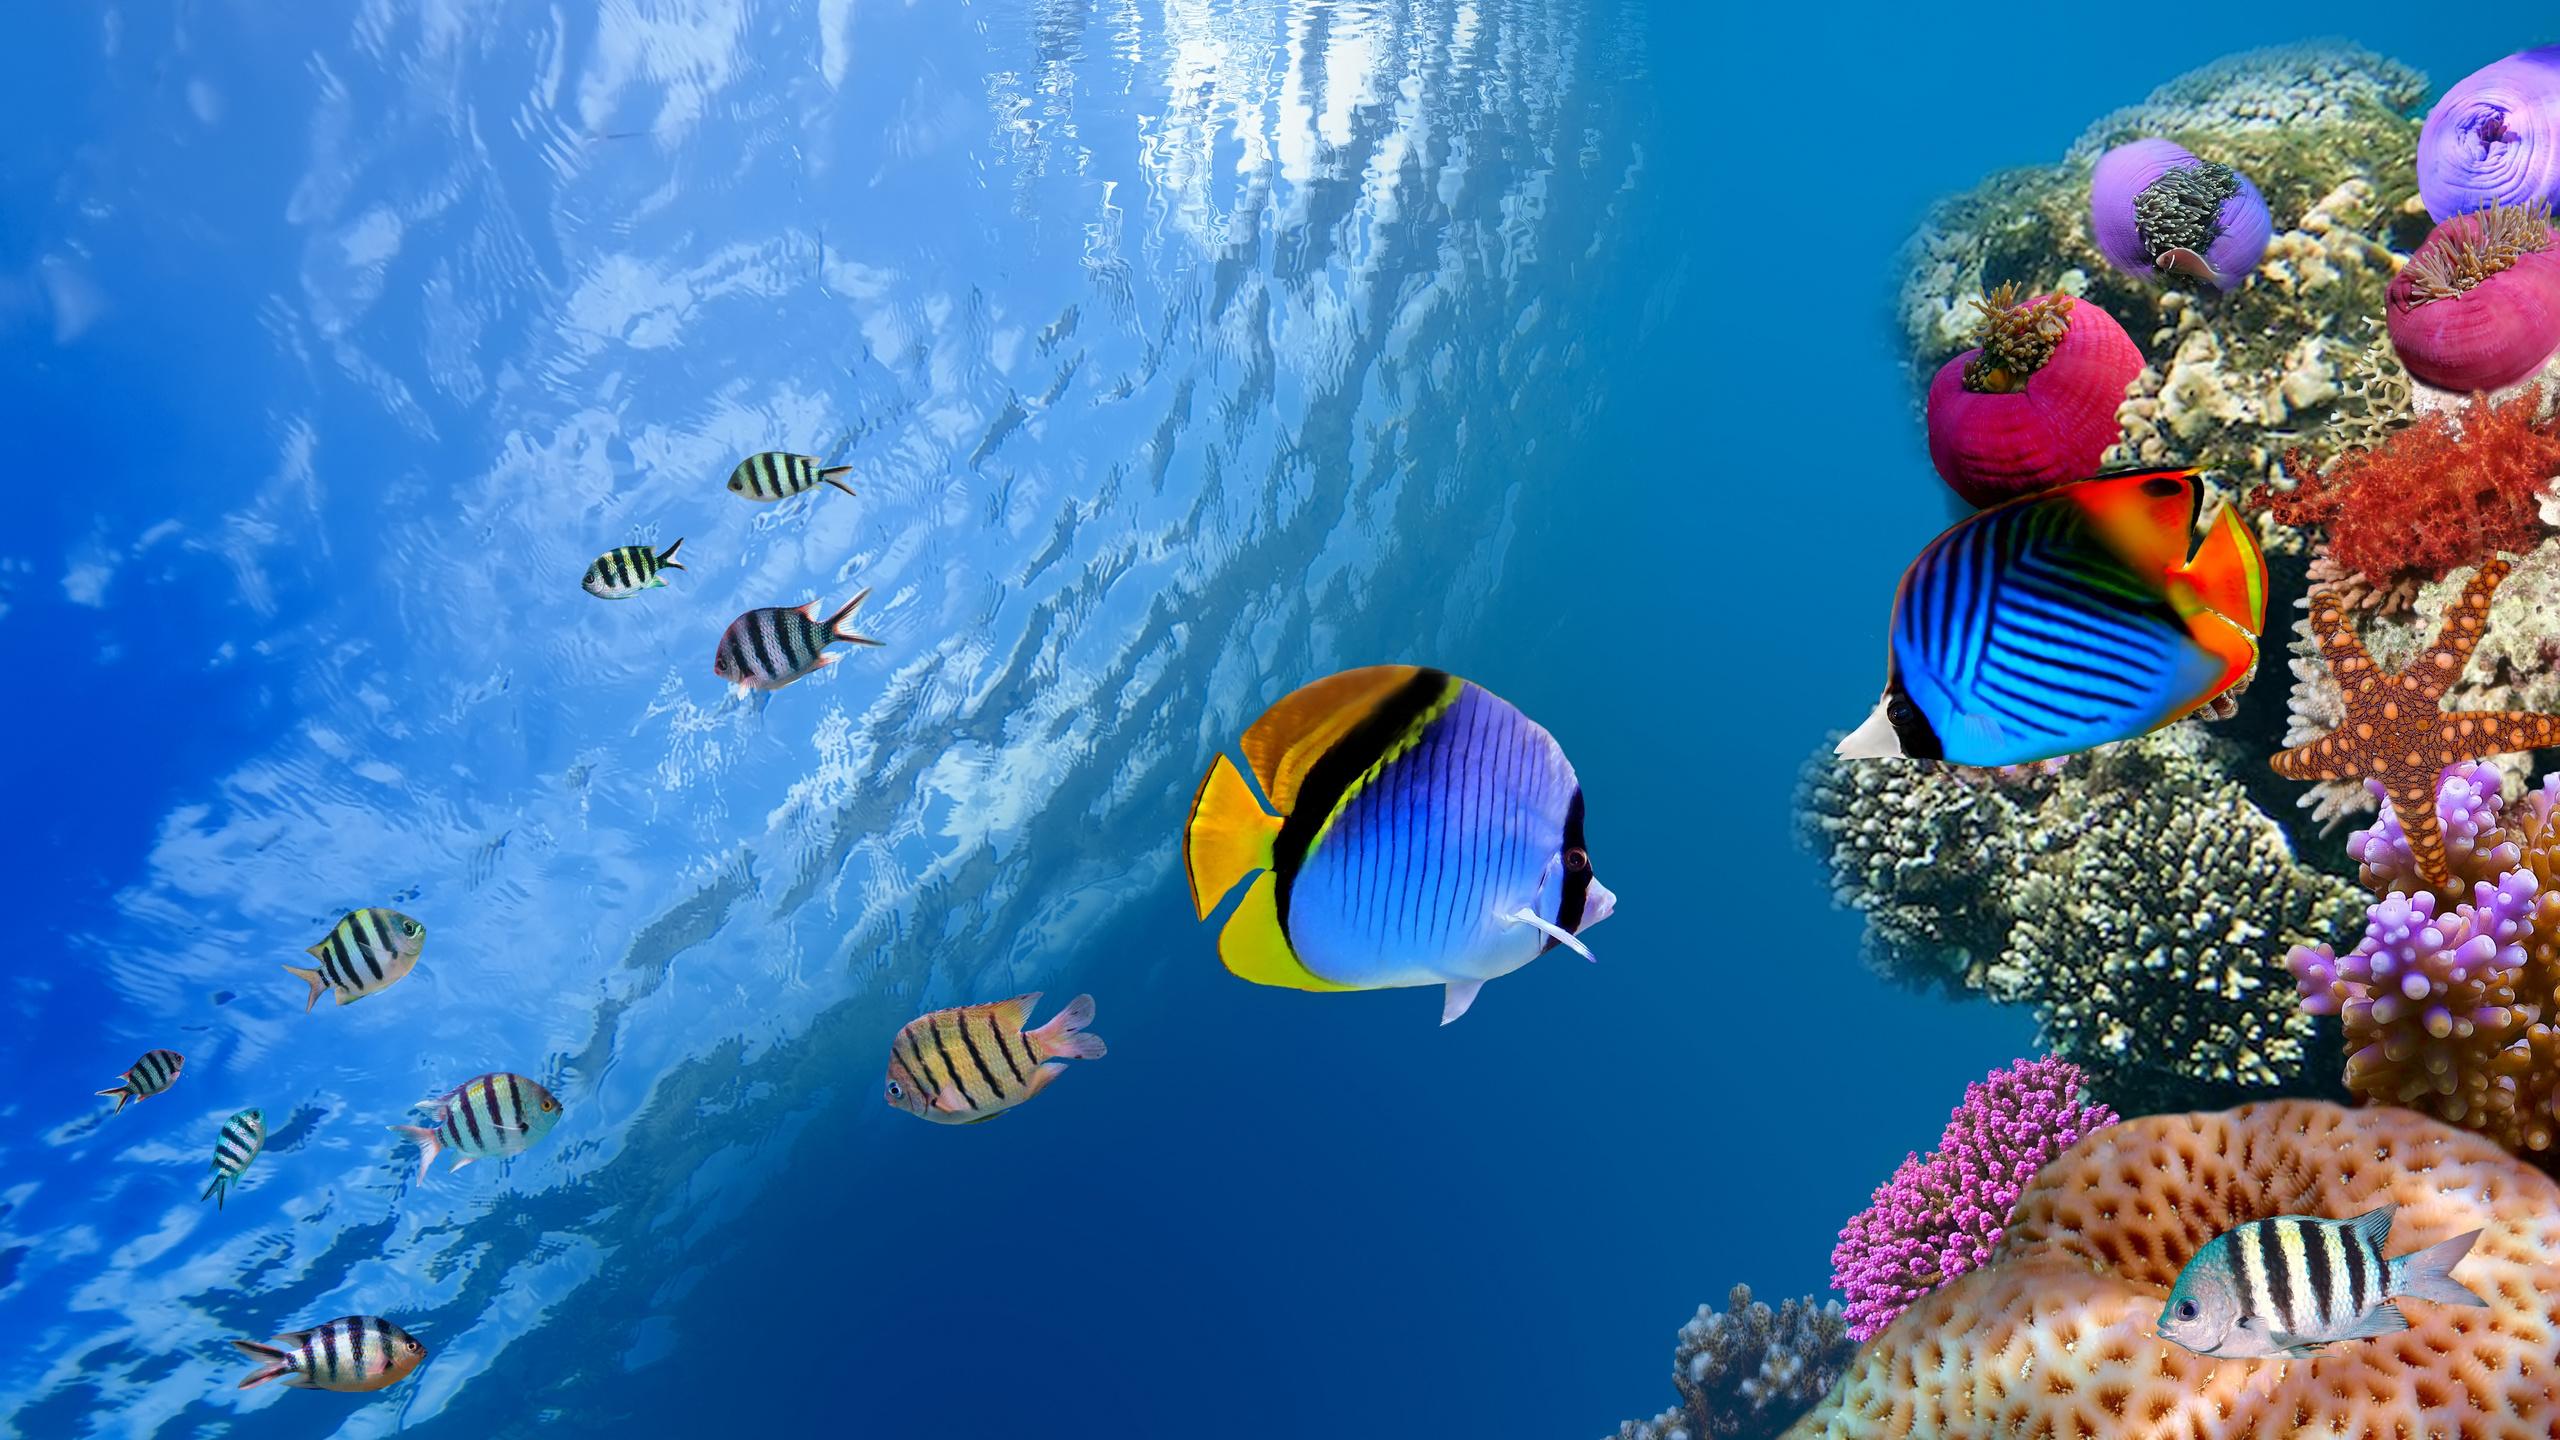 фоновые картинки с рыбками личному составу органов